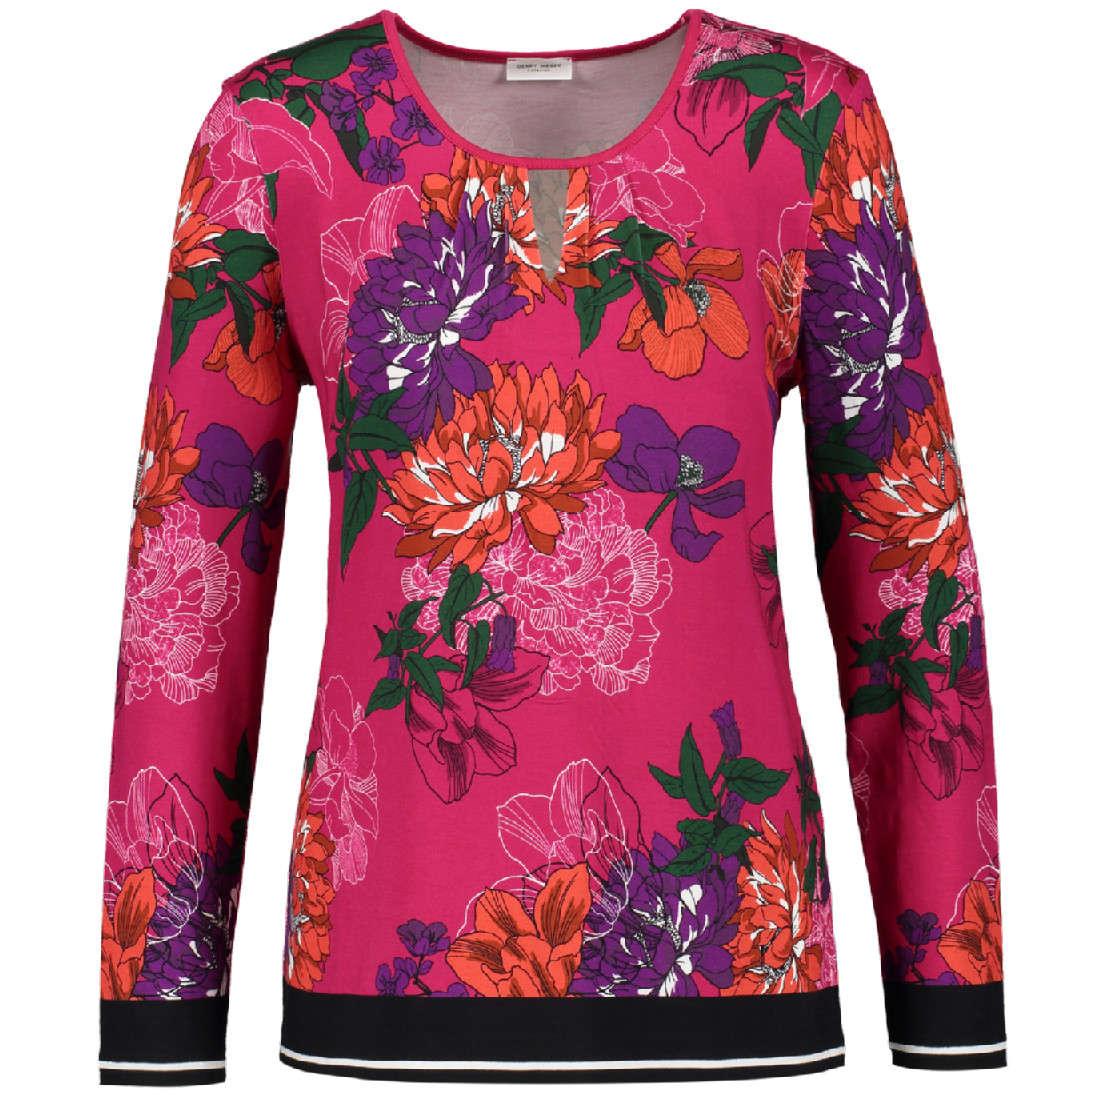 Gerry Weber t-shirt 870306-35121 in het Fuxia